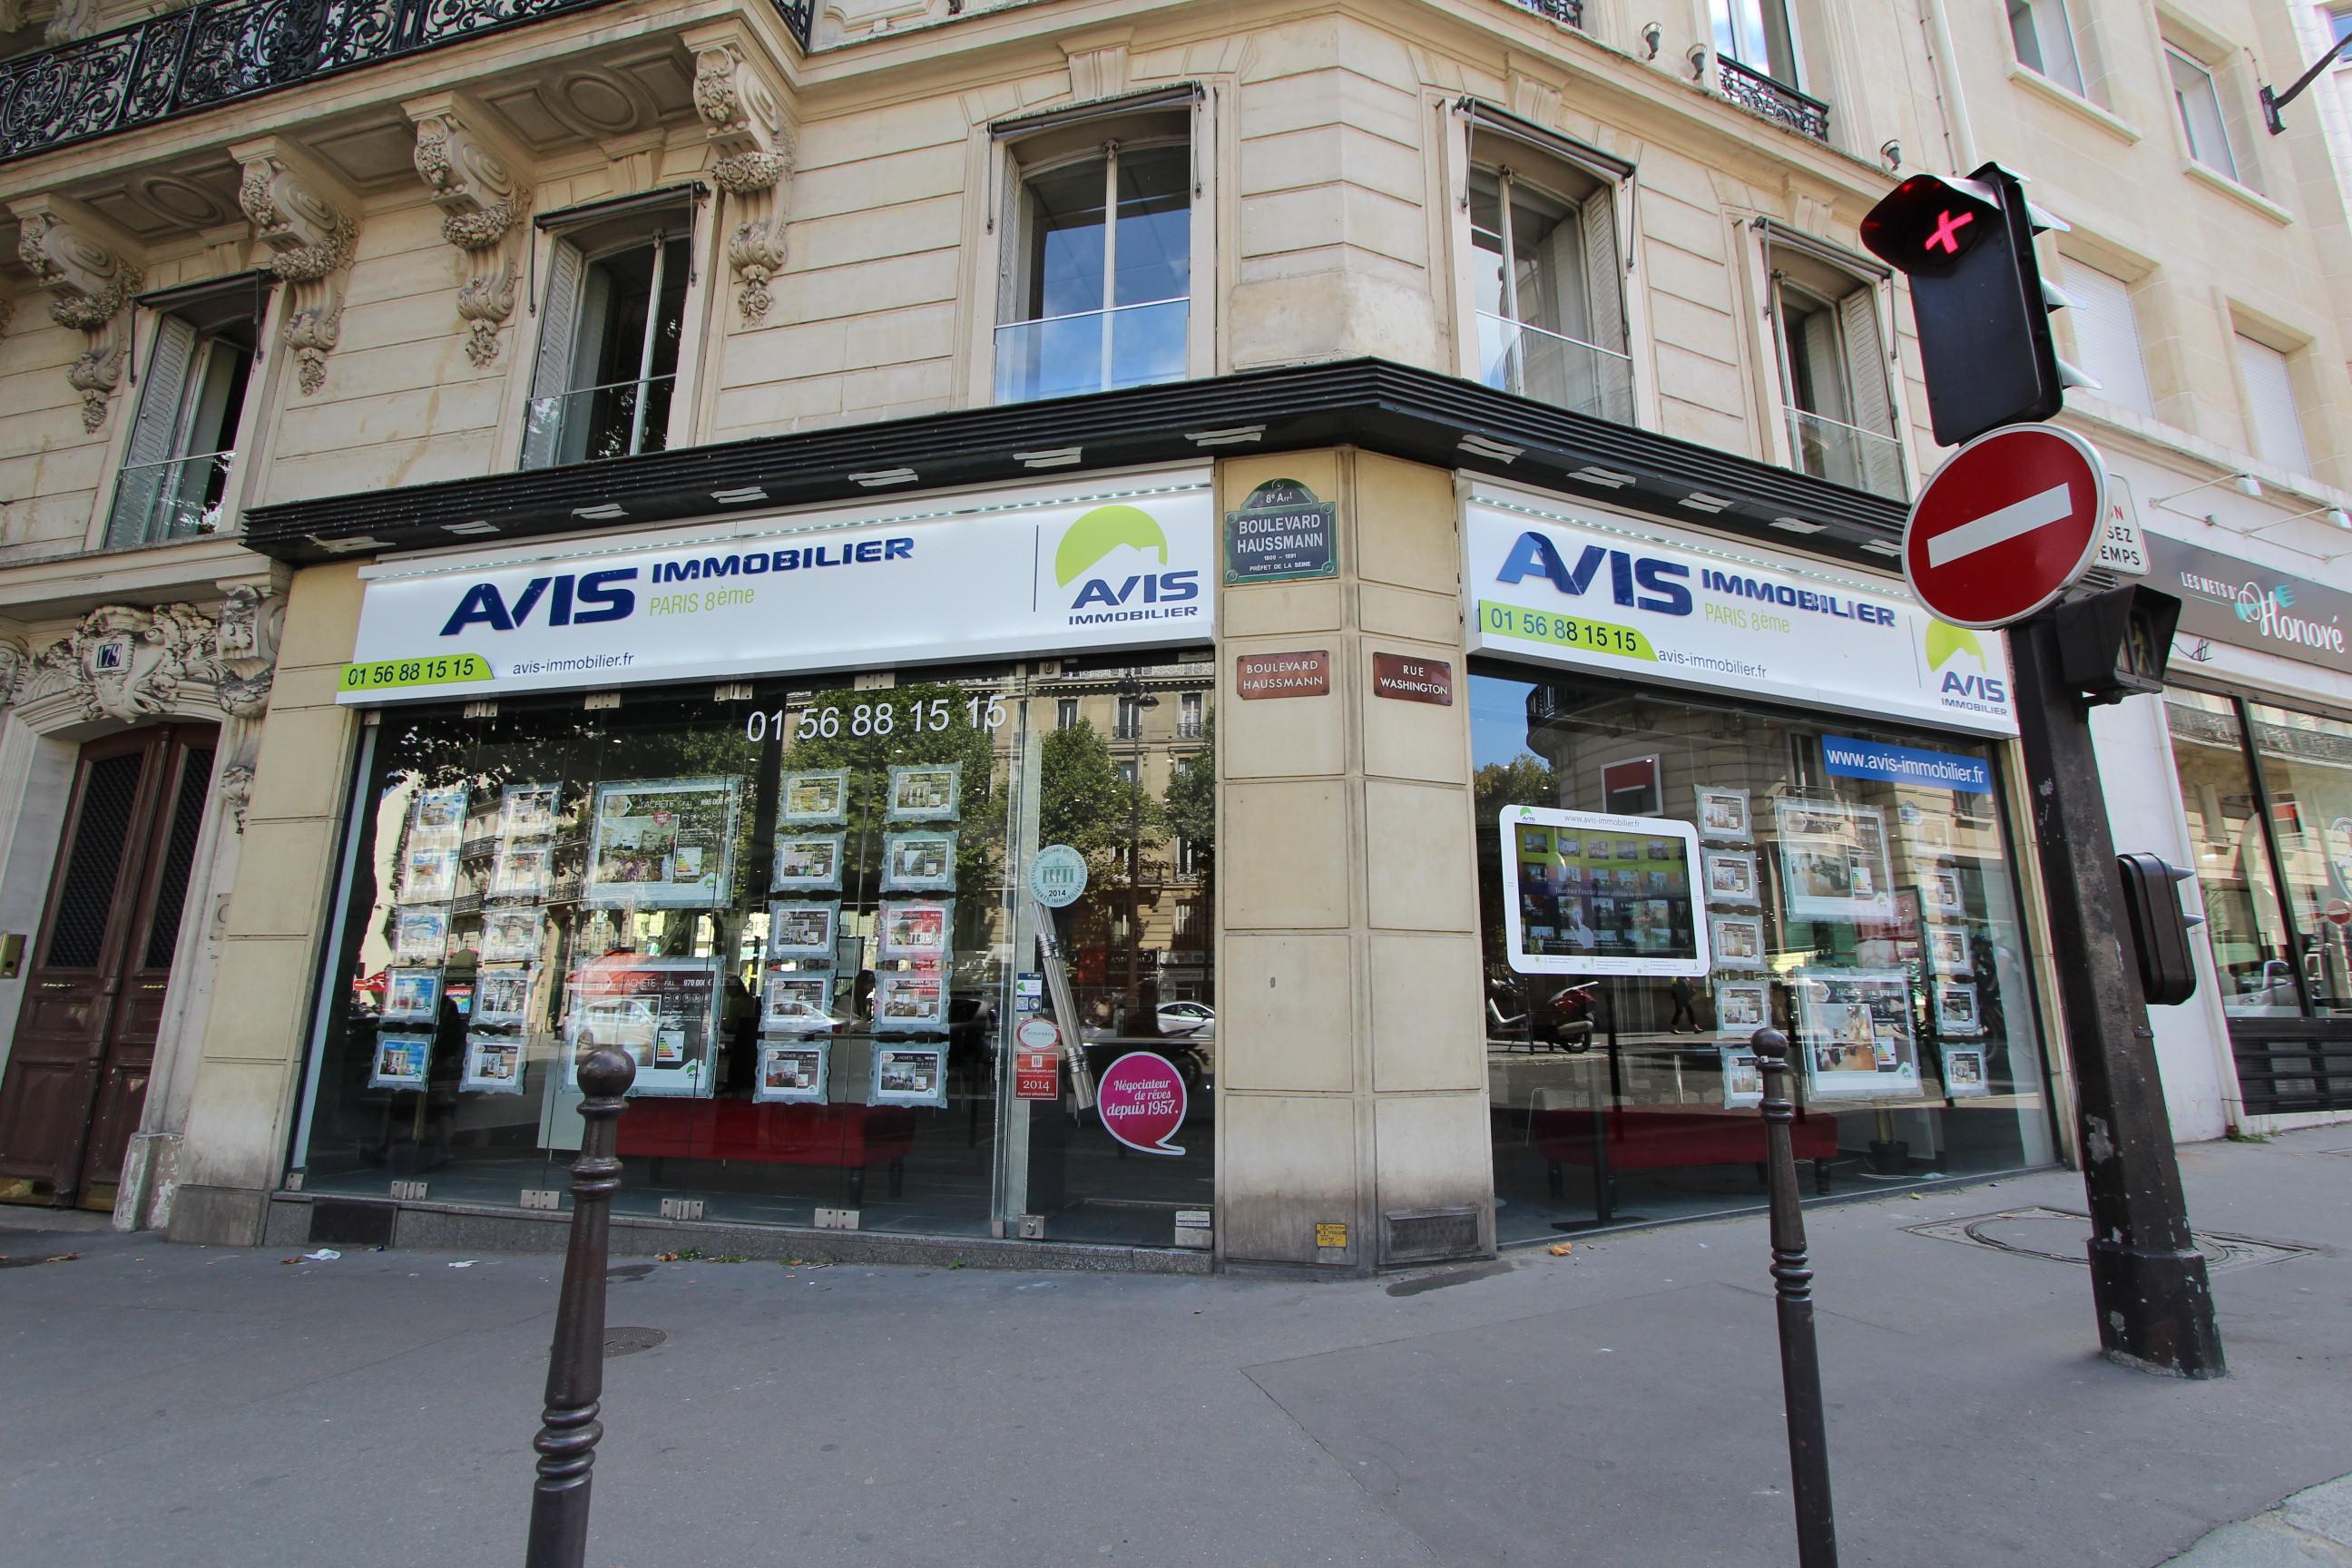 Image de l'agence Avis Immobilier - Paris 8